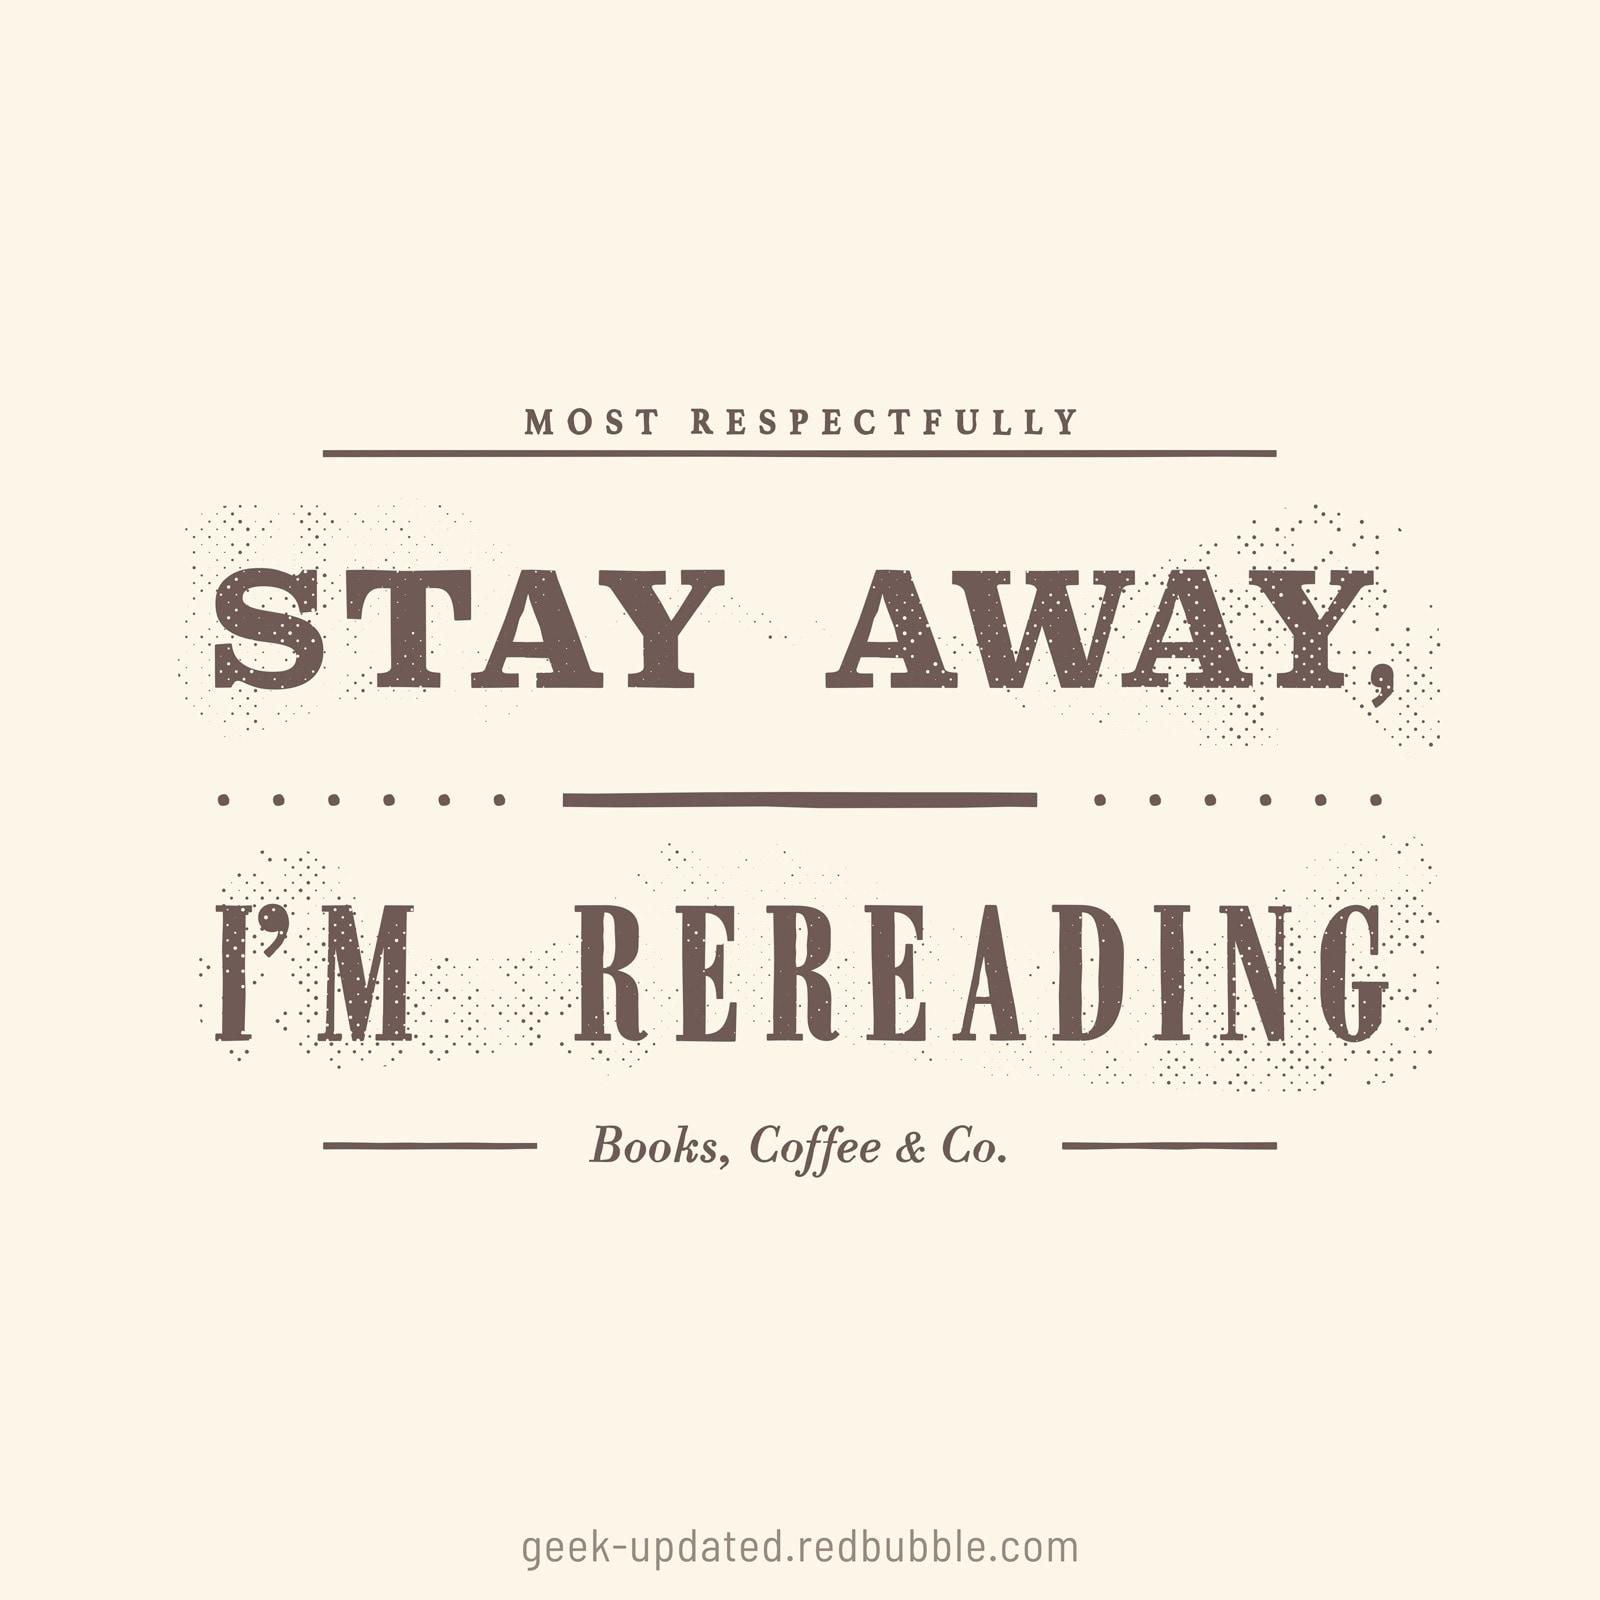 Stay away I am rereading - design by Piotr Kowalczyk